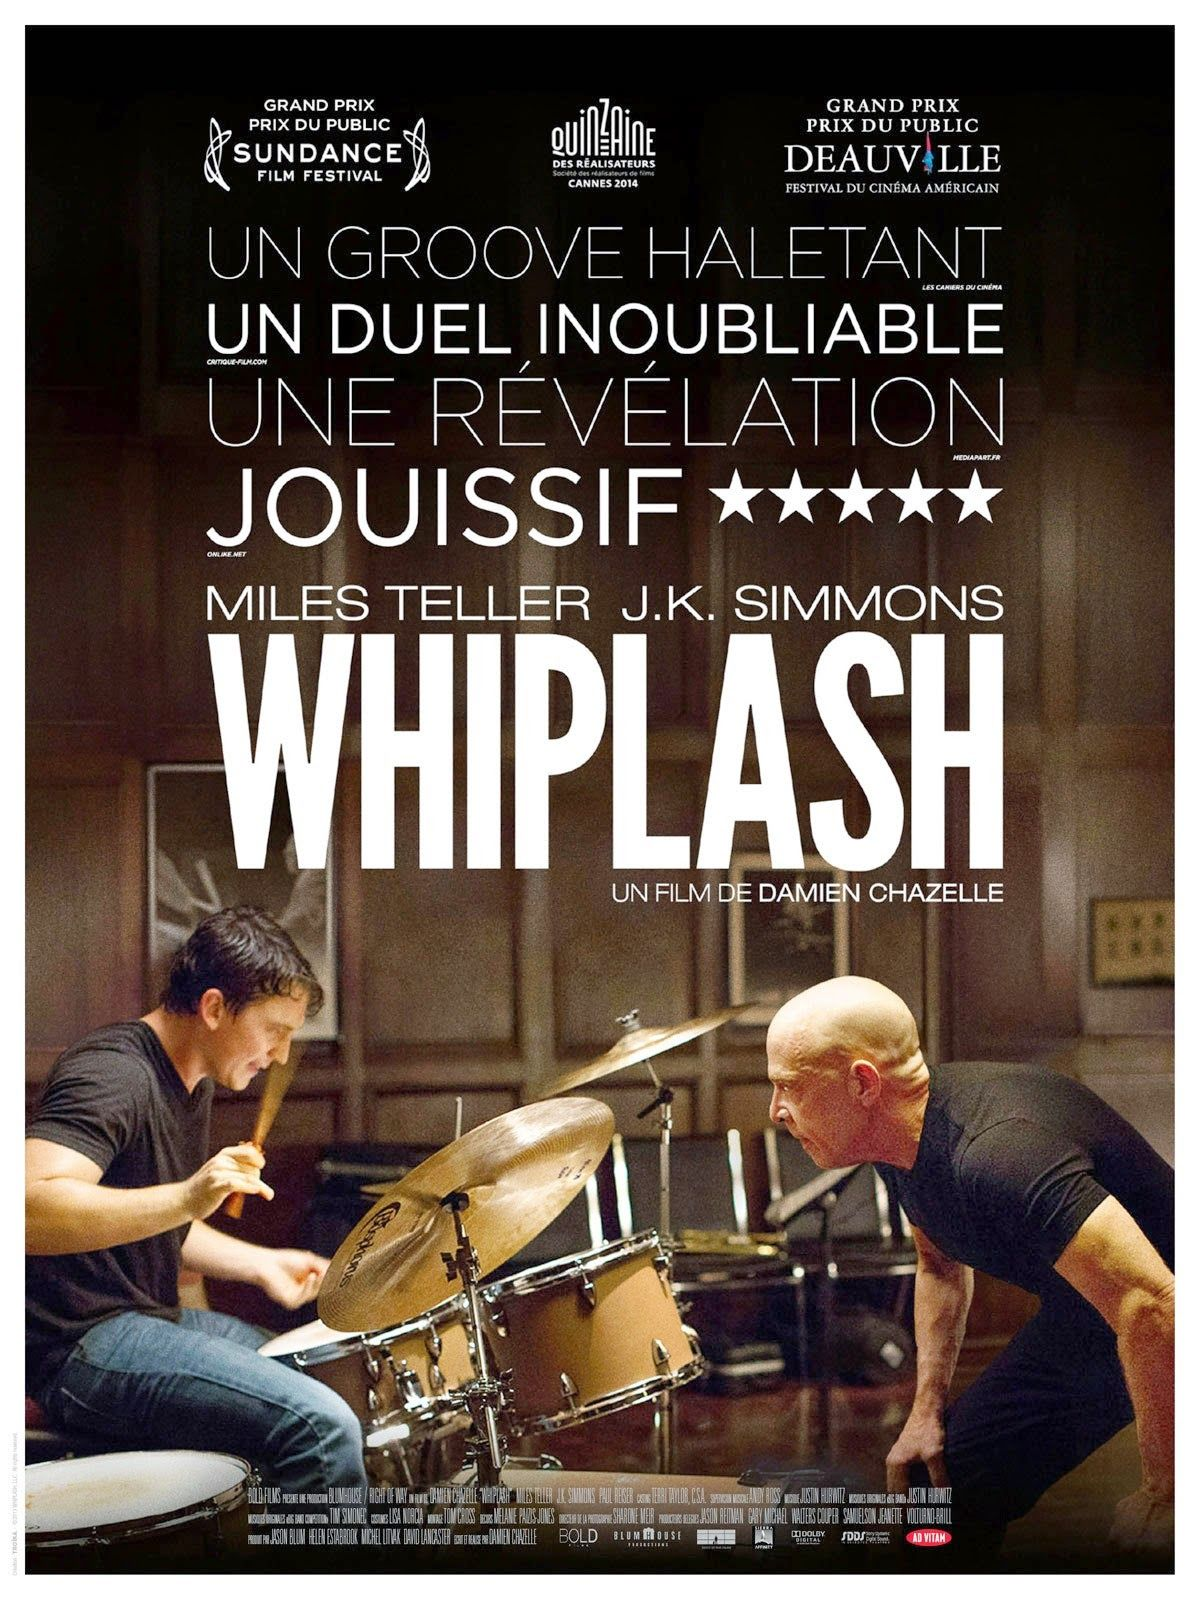 Cinemelodic Critica Whiplash 2014 Ultima Parte Peliculas En Estreno Wiplash Peliculas